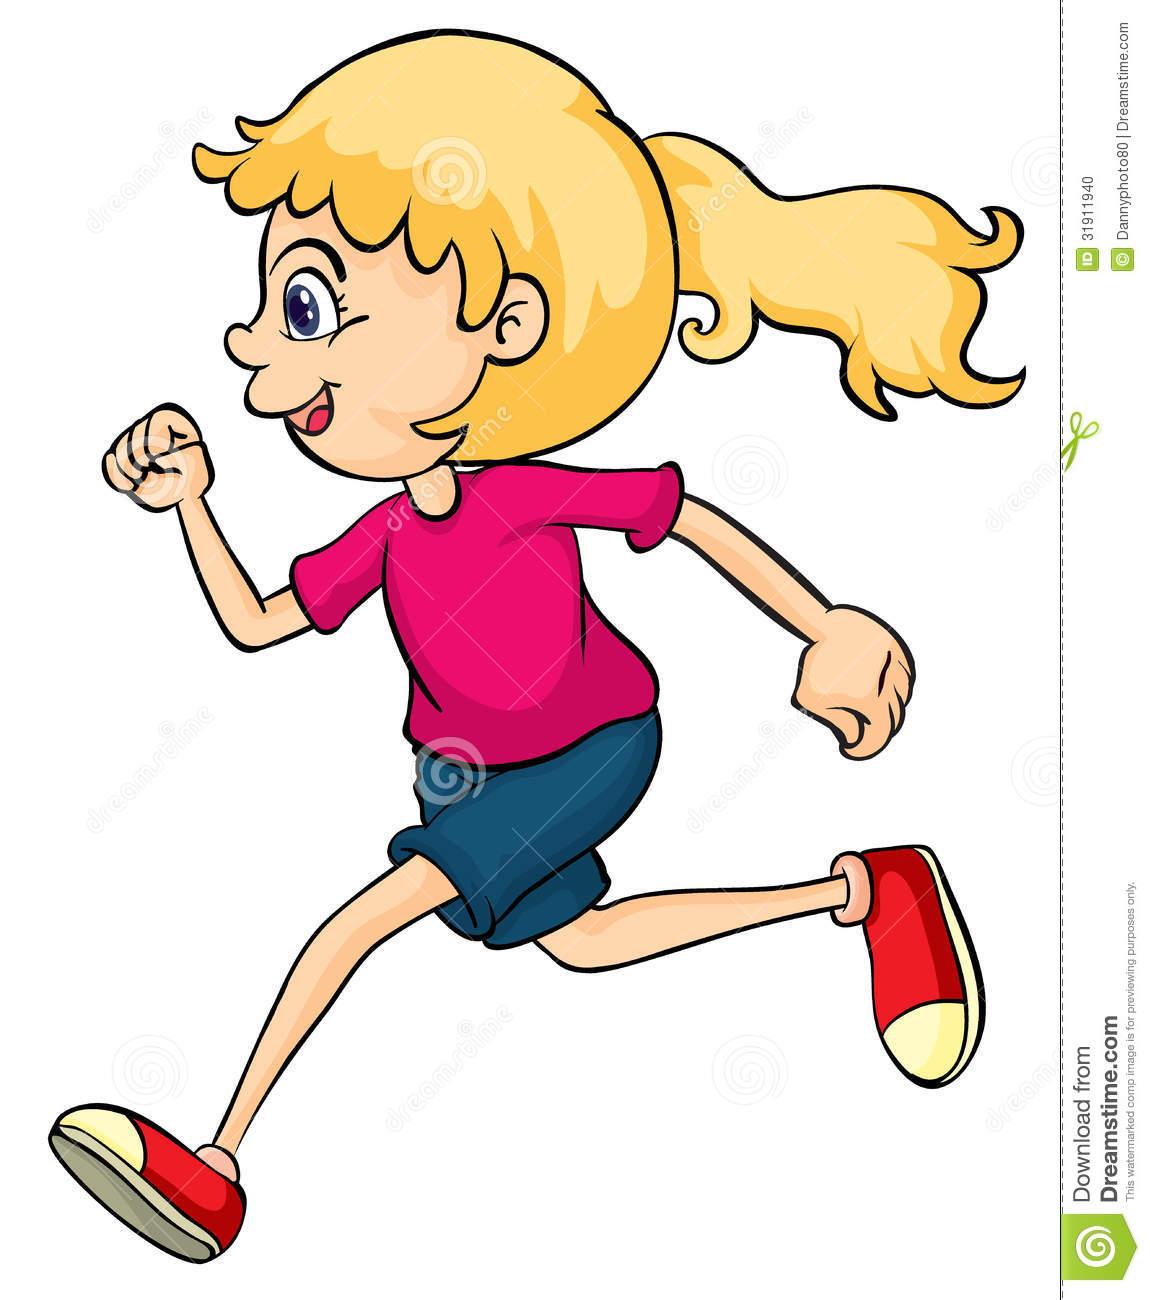 girl running clipart - Clip Art Running